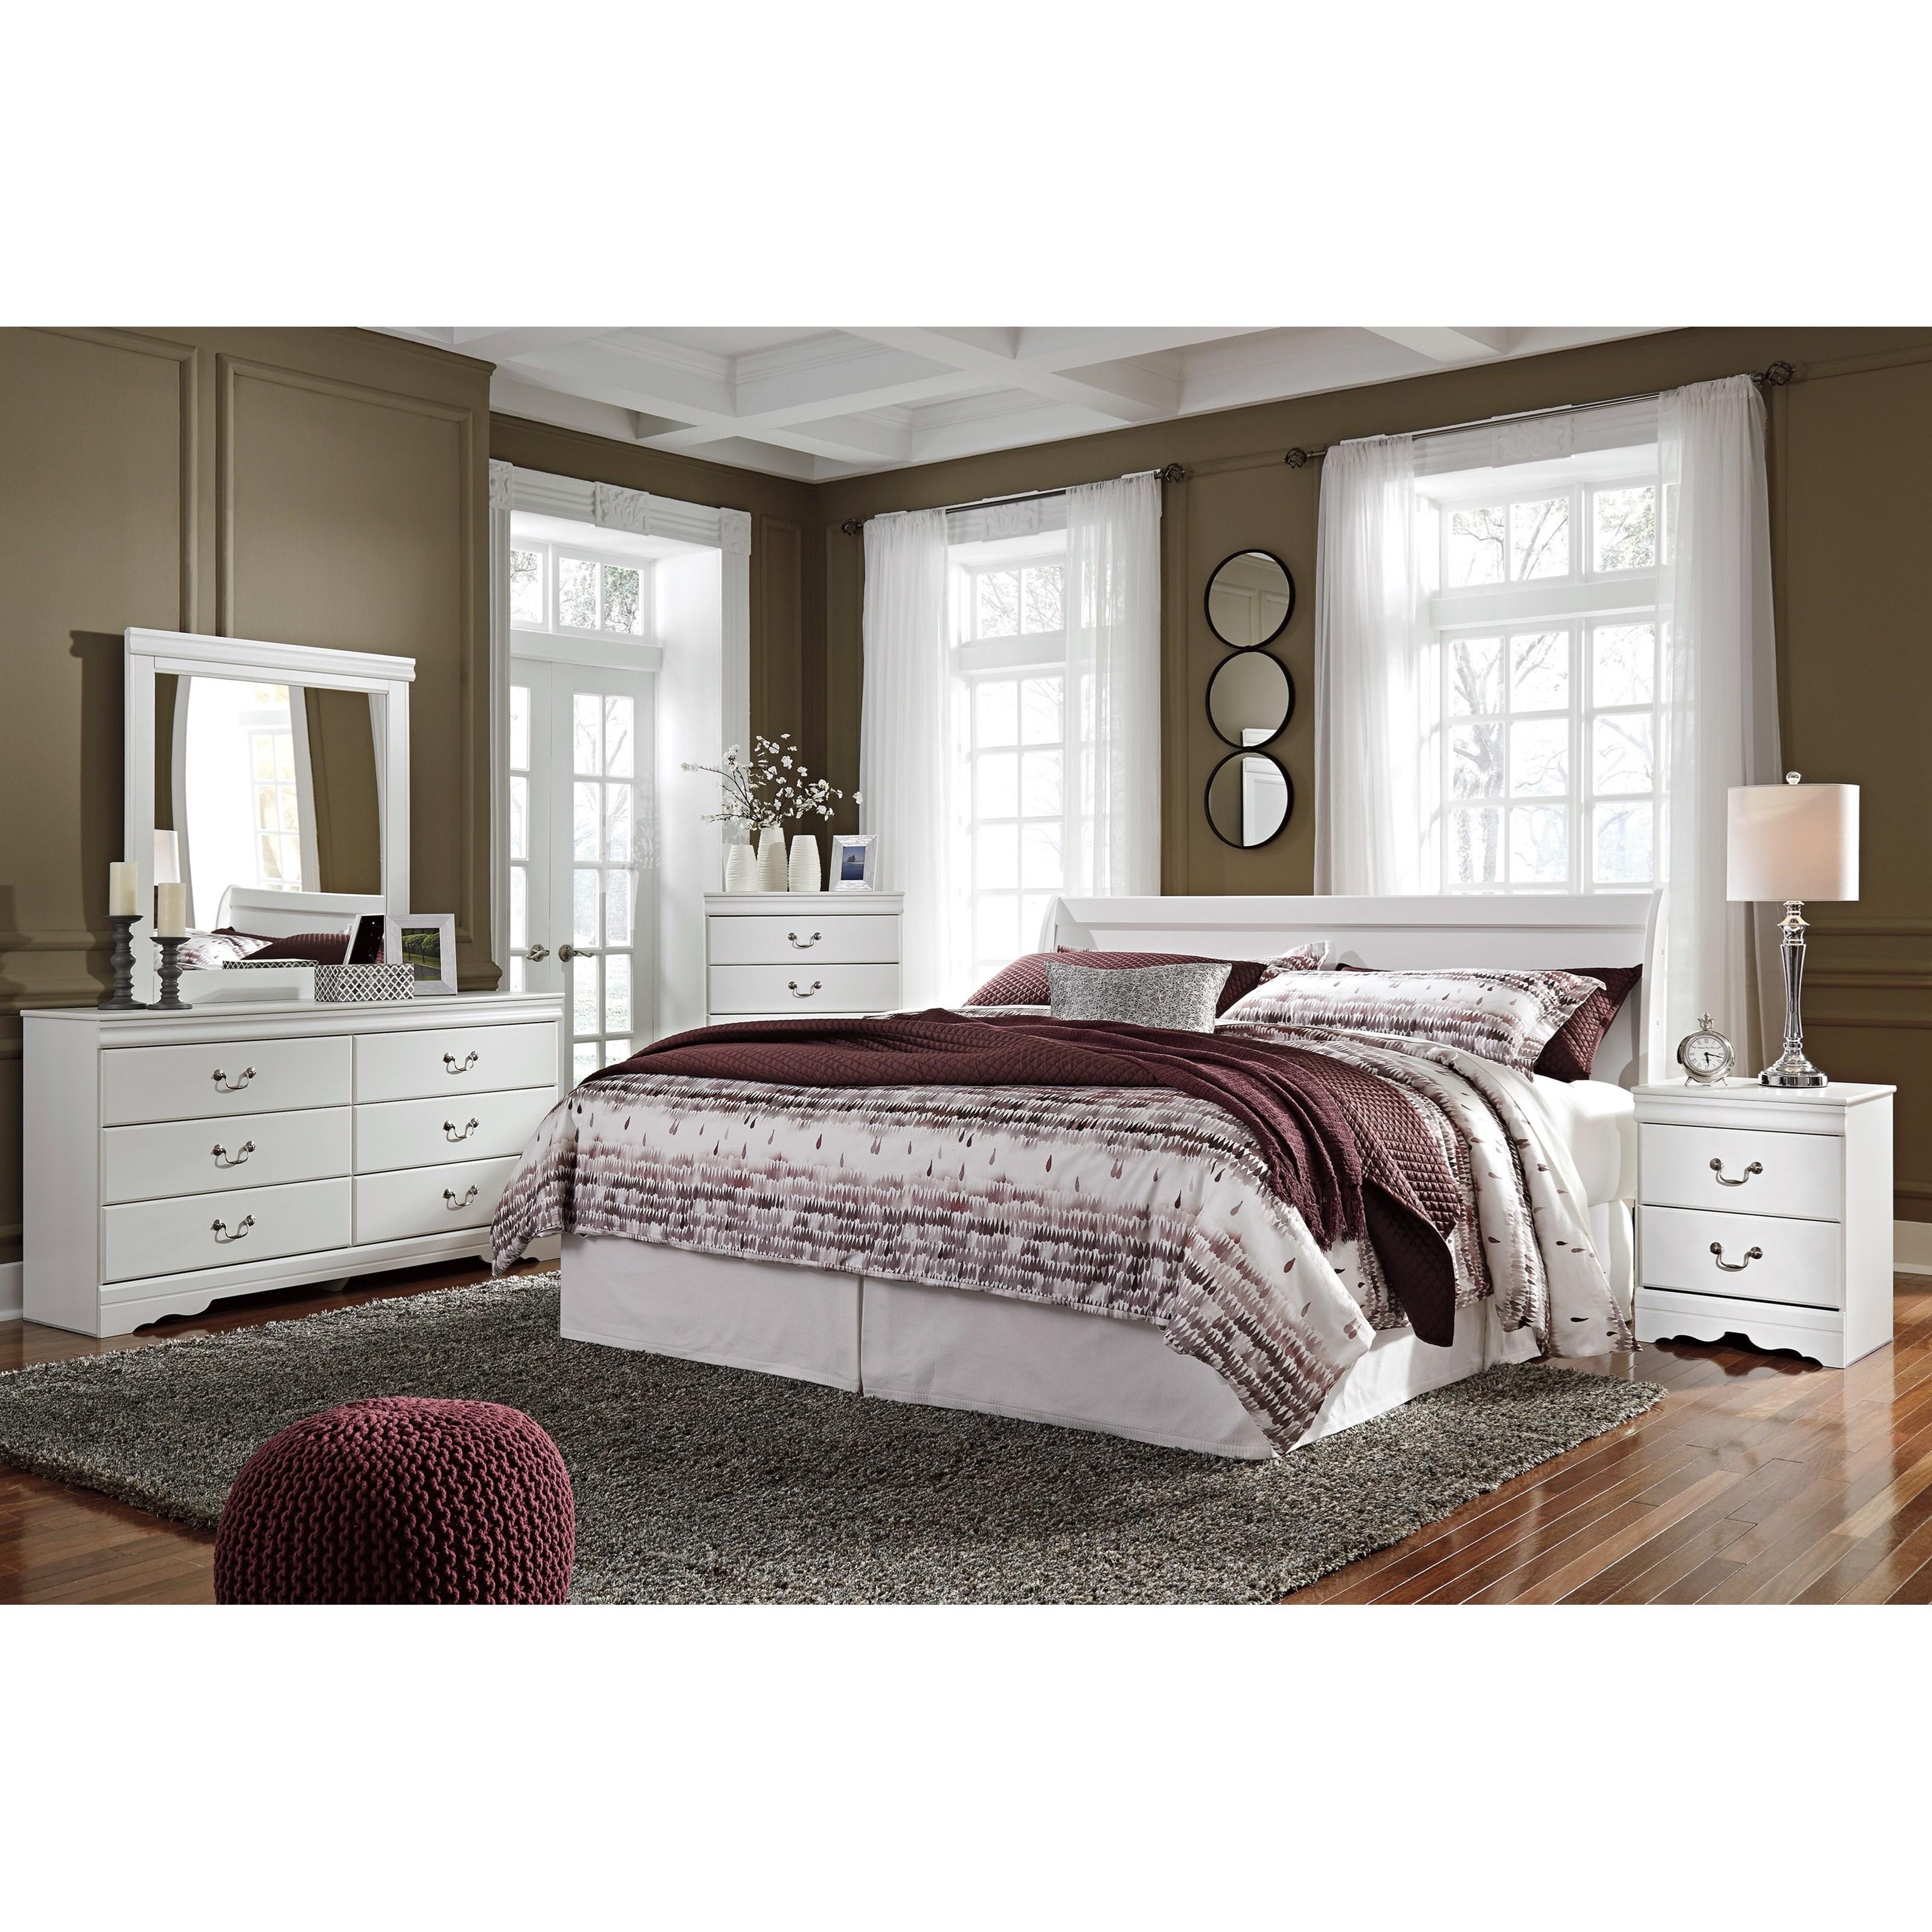 Anarasia King Bedroom Group by Ashley (Signature Design) at Johnny Janosik